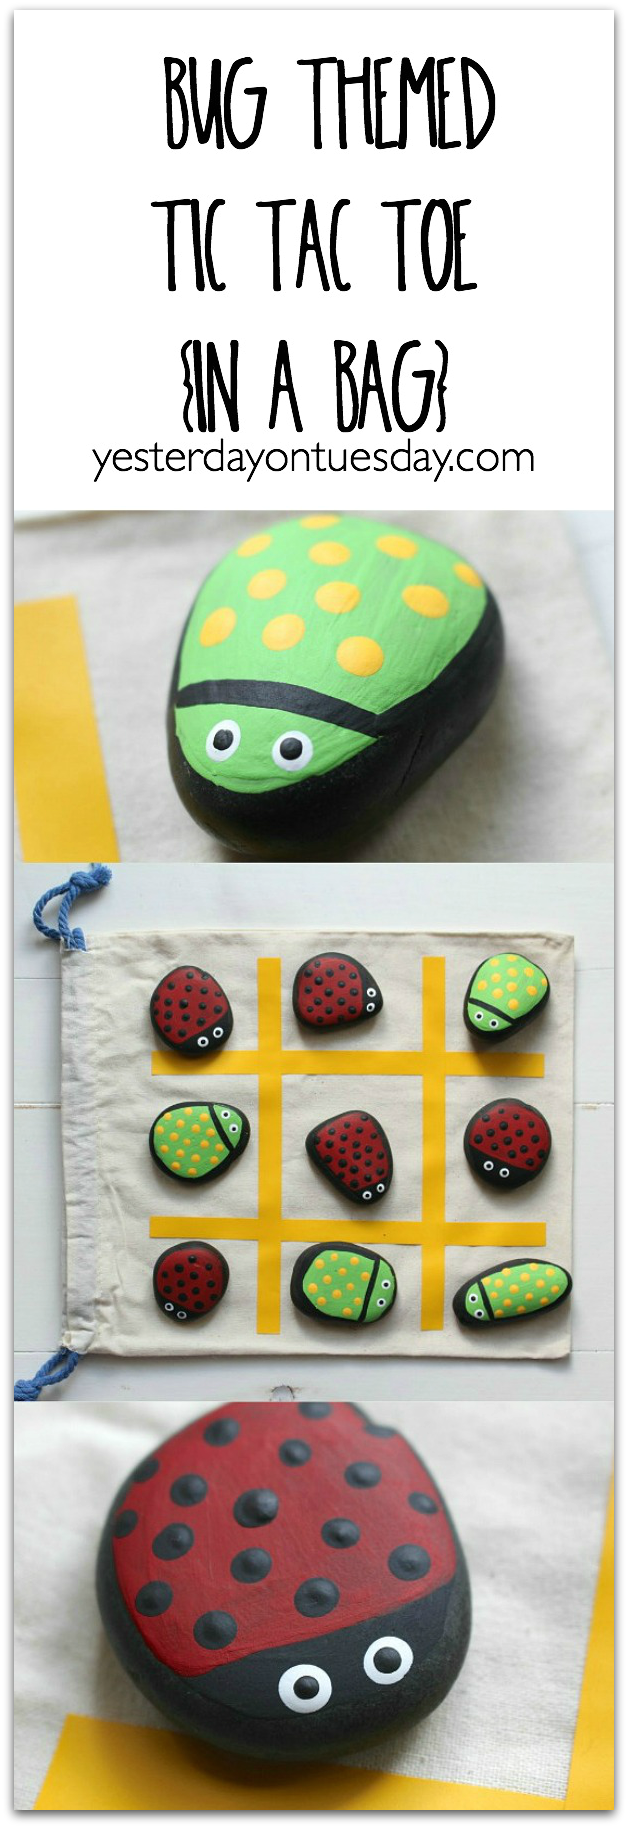 DIY Painted Ladybug Rocks